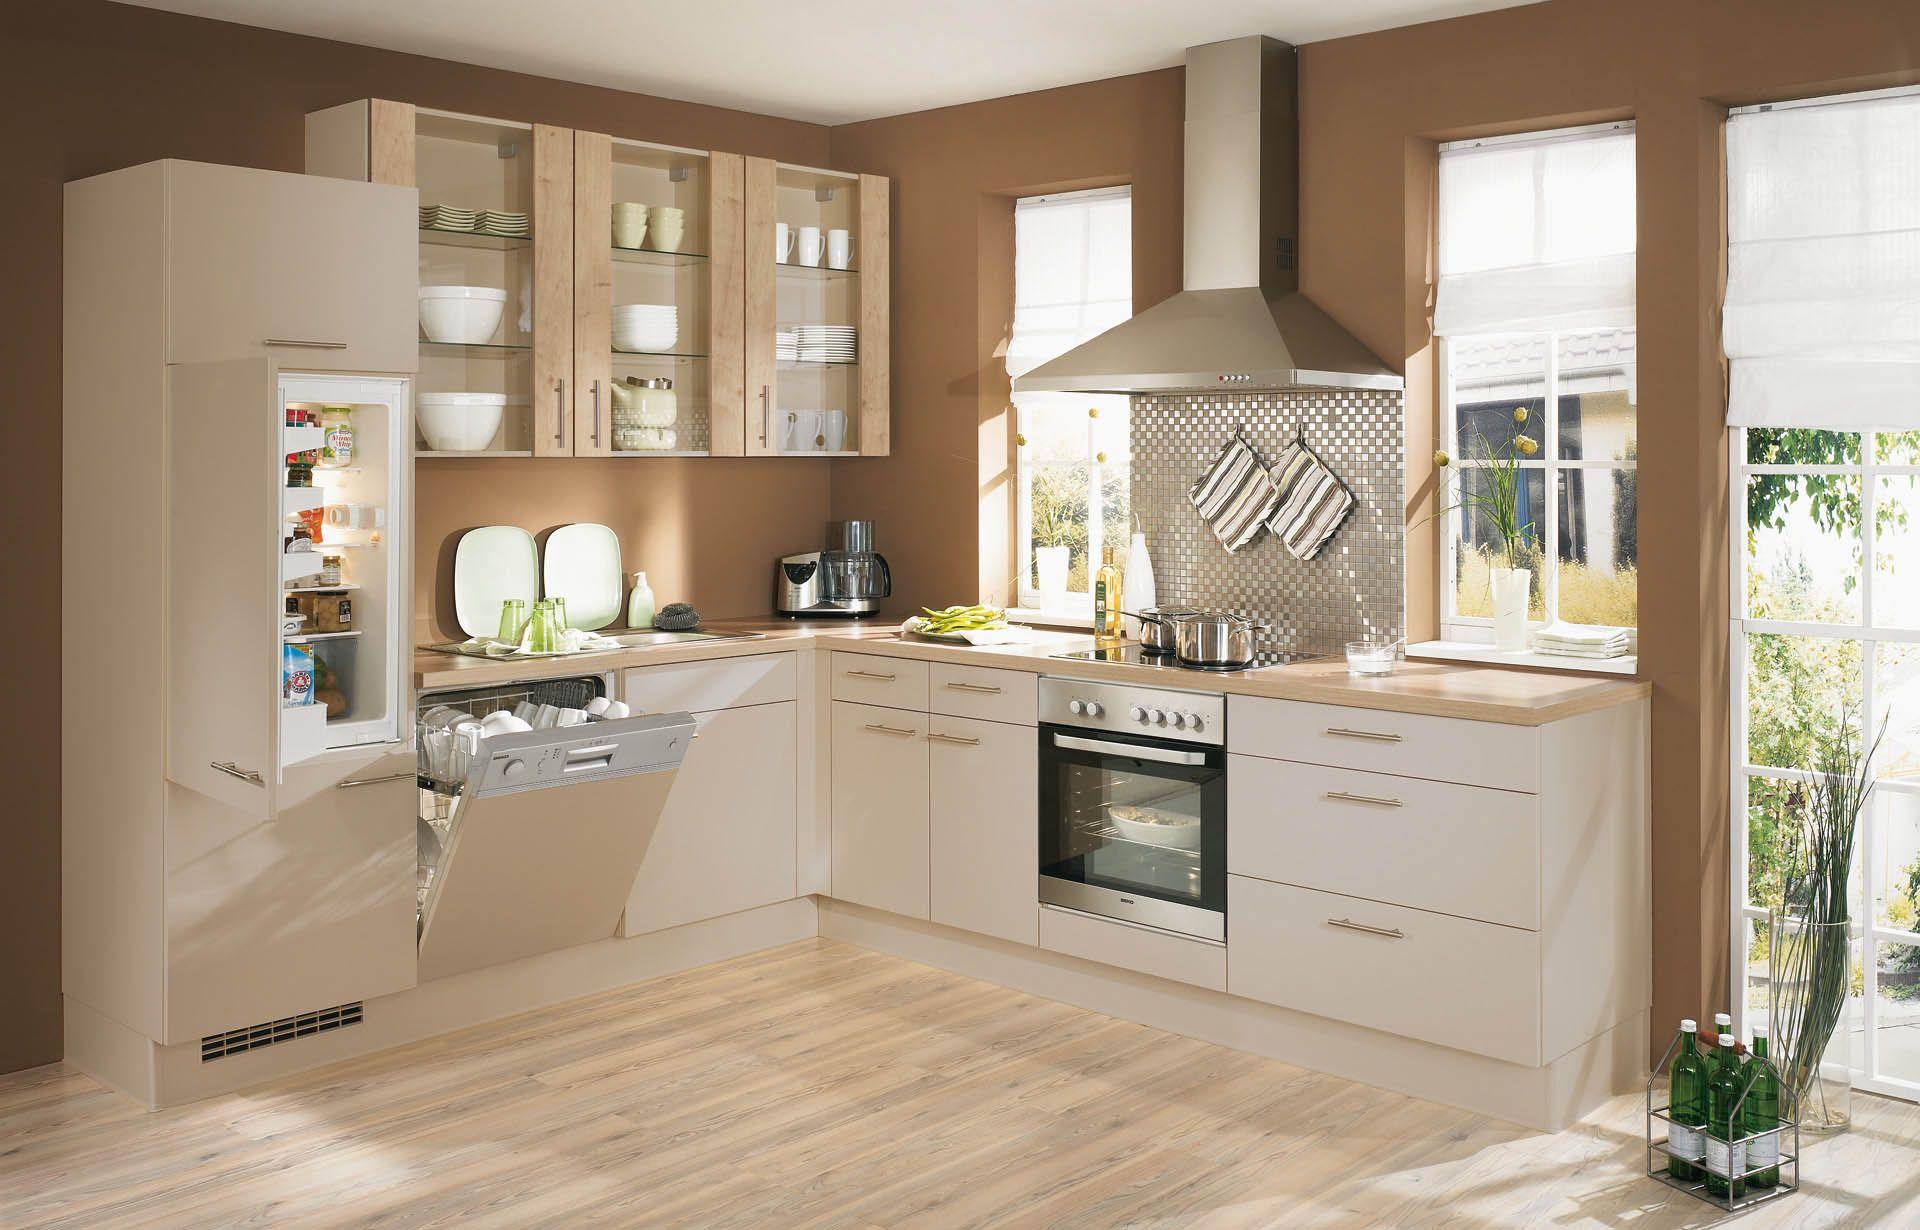 Catalogo de azulejos de cocina finest los elegante for Azulejos cocina catalogo